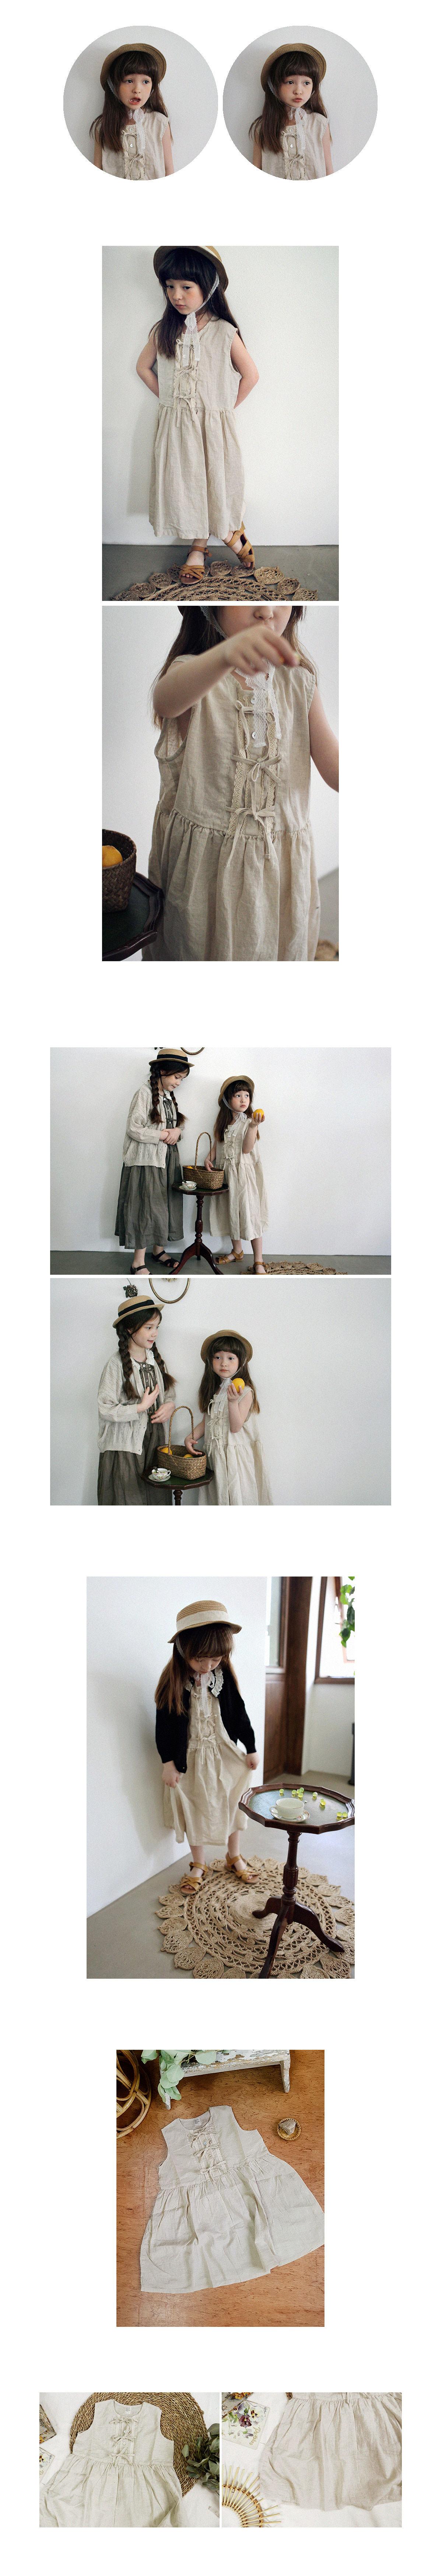 SCON - Korean Children Fashion - #Kfashion4kids - Mori One-piece - 4